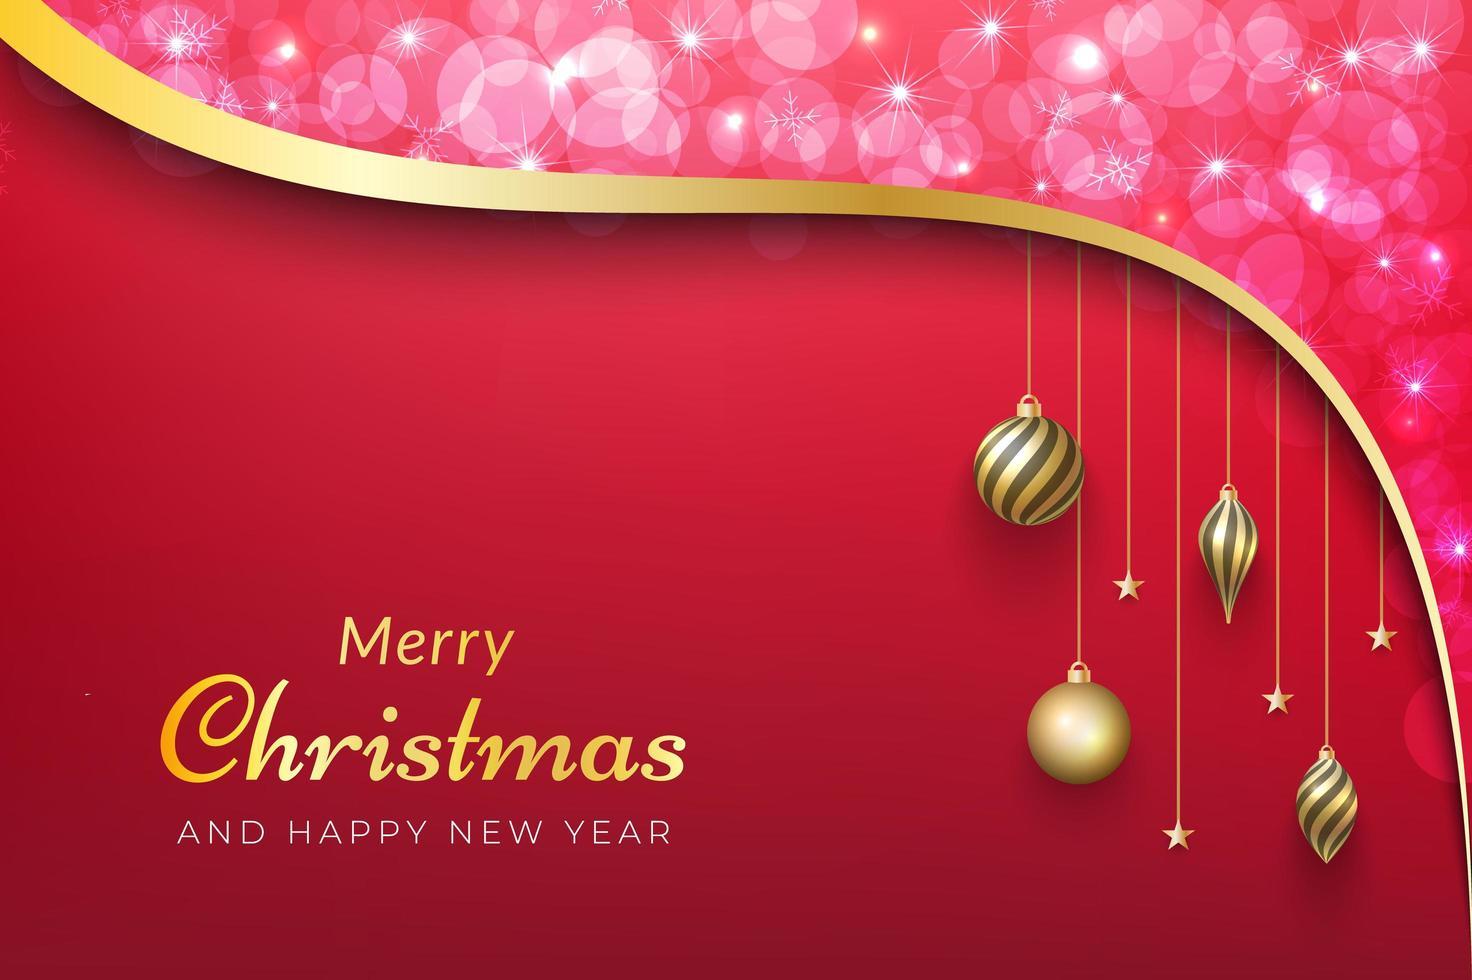 fondo de navidad con bokeh rosa, cinta dorada y adornos vector